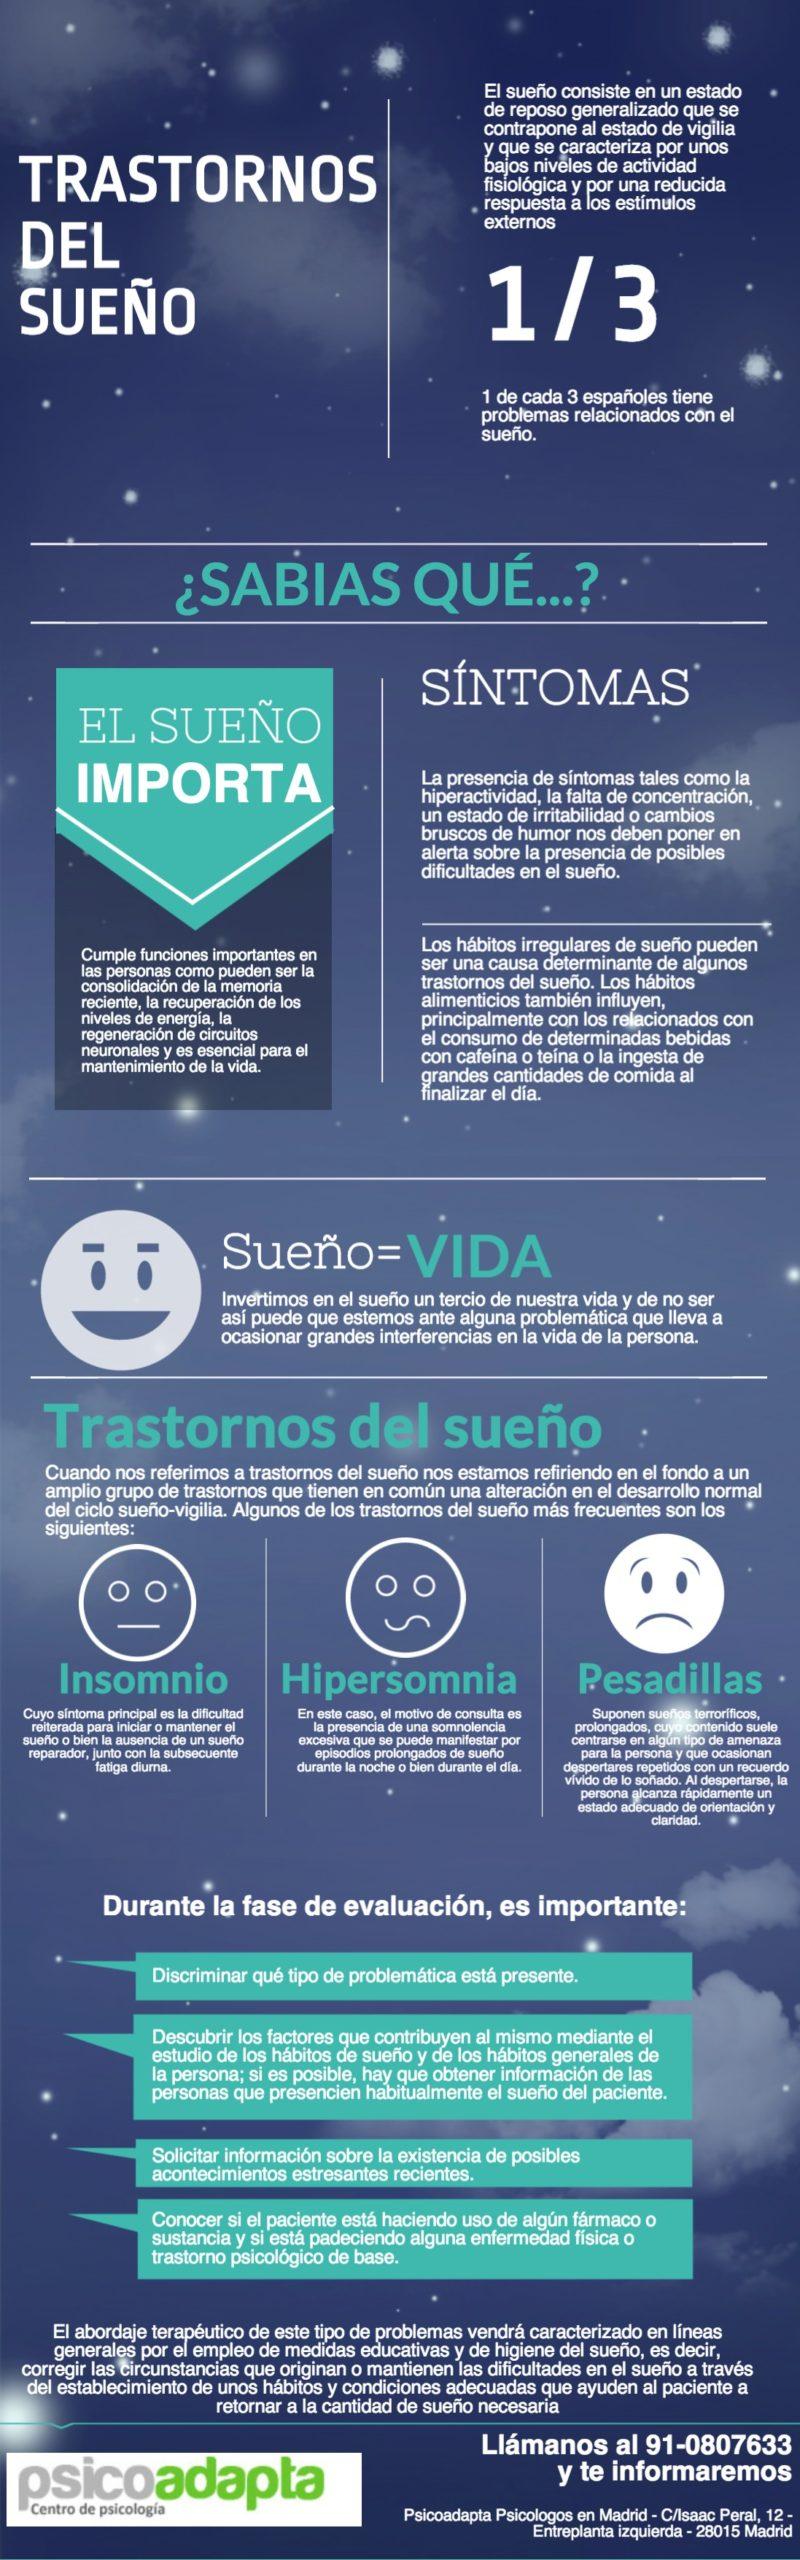 infografía trastornos del sueño